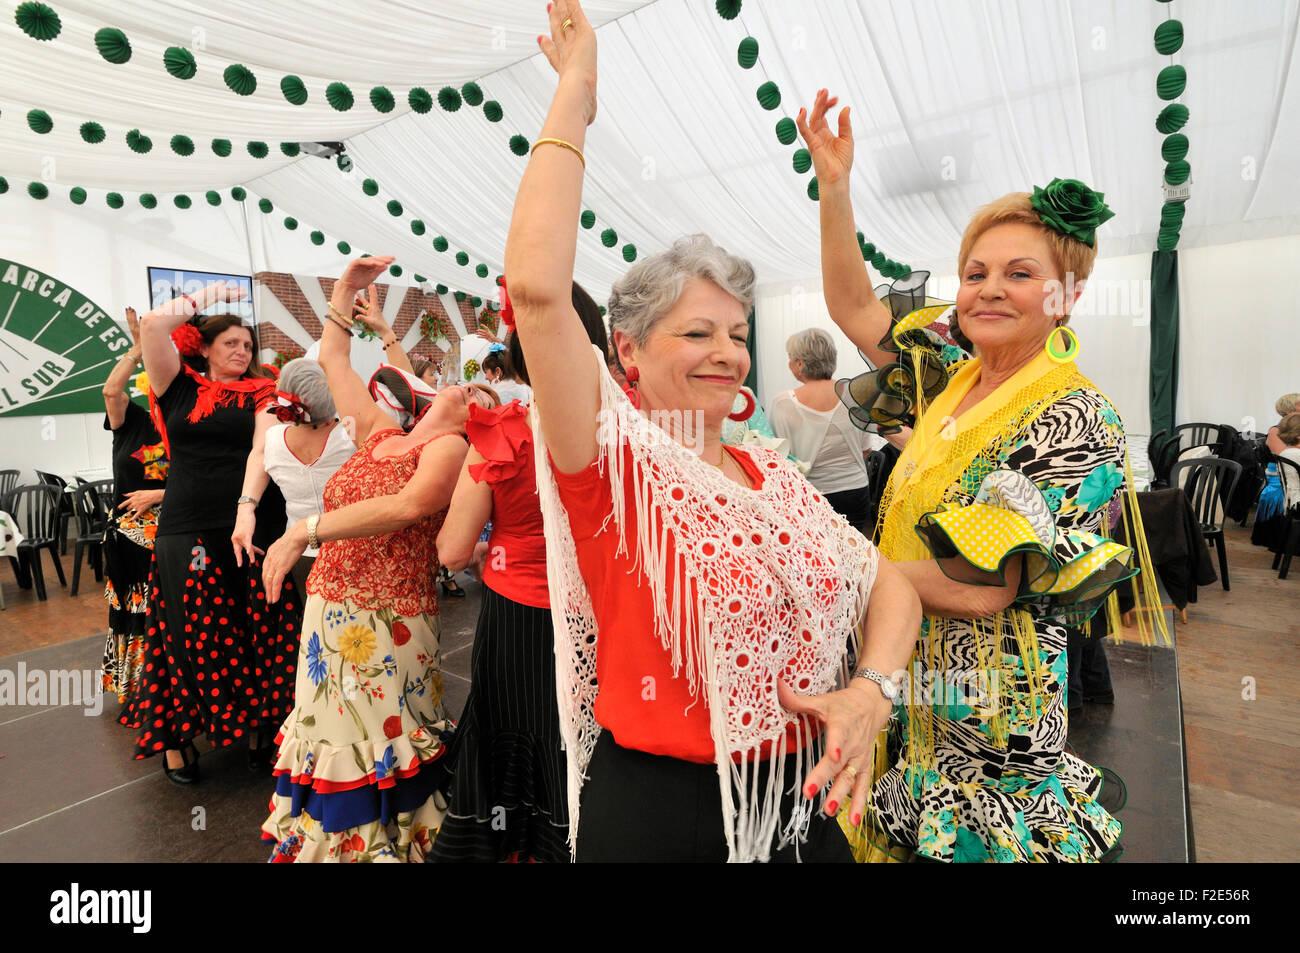 Annual April Fair (Feria de Abril) in Barcelona. Flamenco dance Festival. - Stock Image